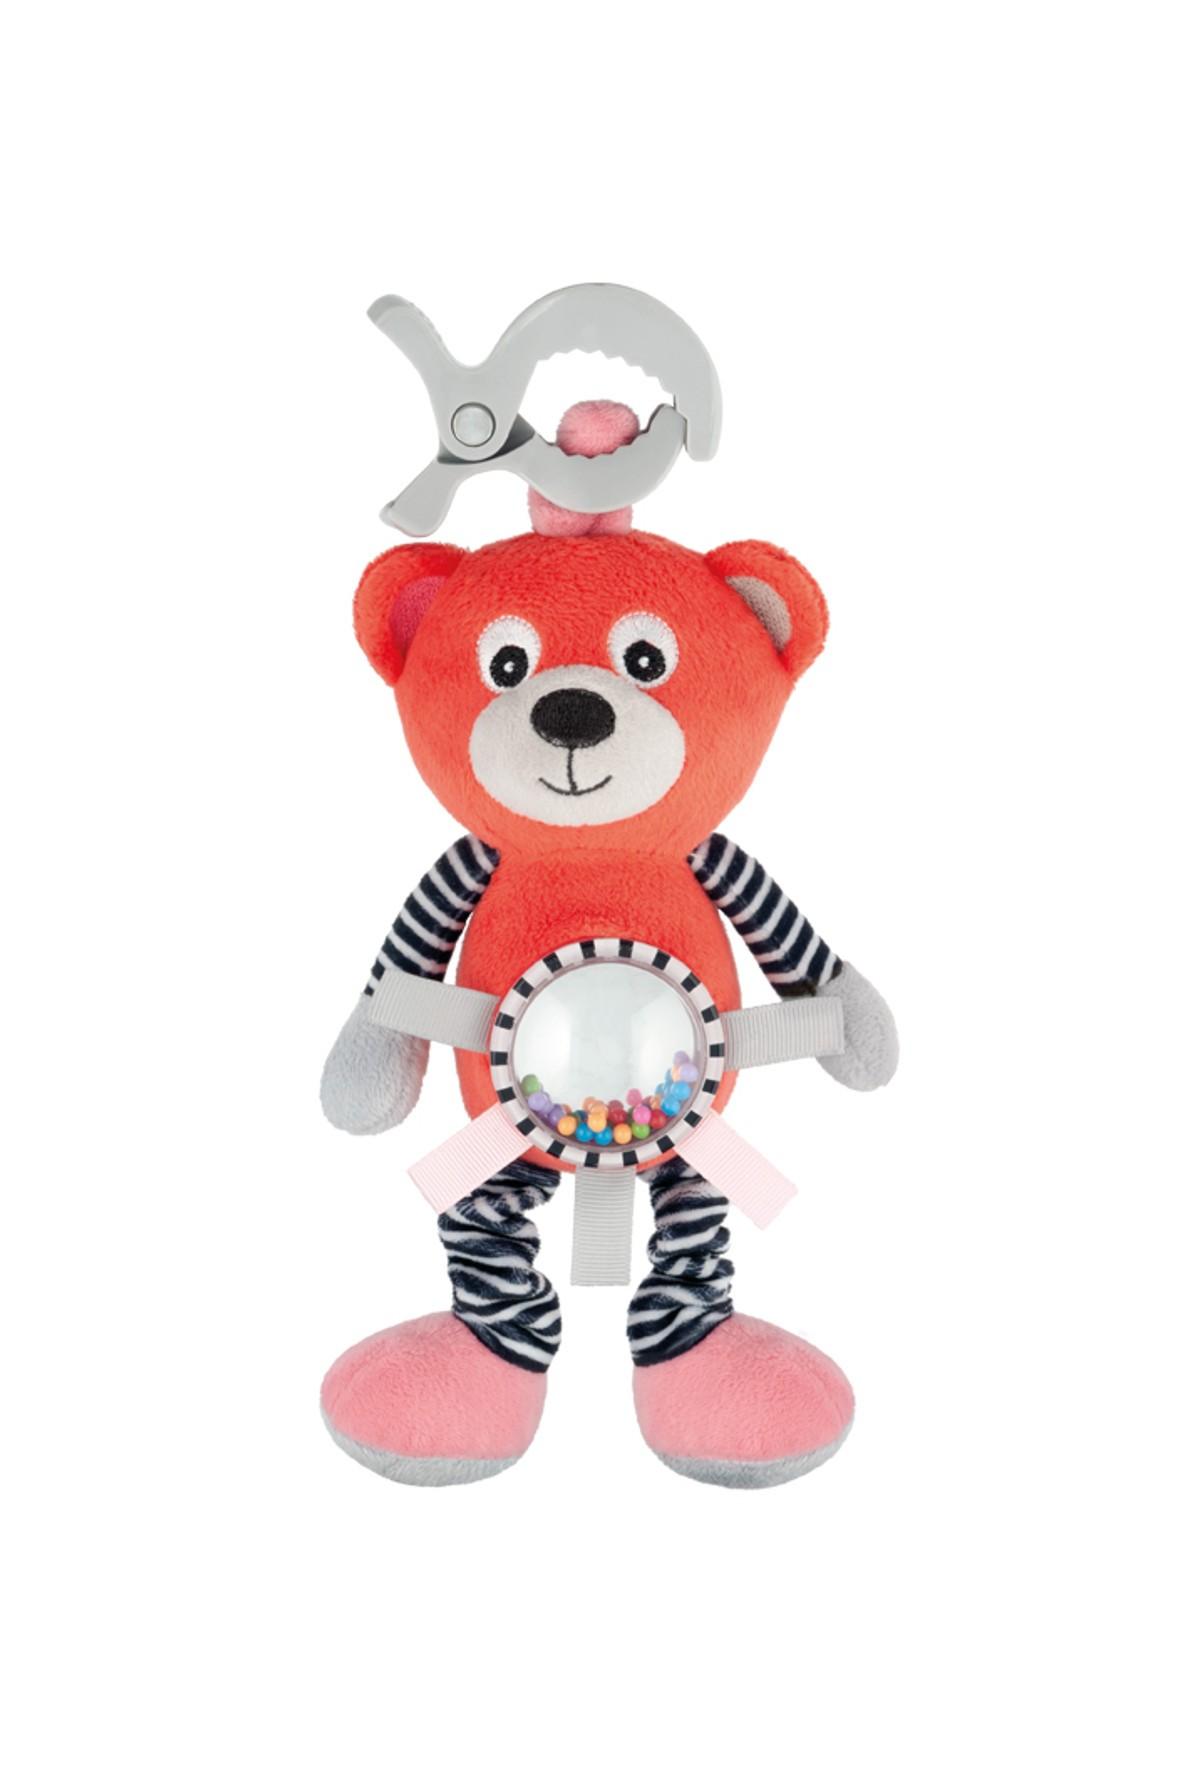 Pluszowa zabawka z wibracją i grzechotką - koral